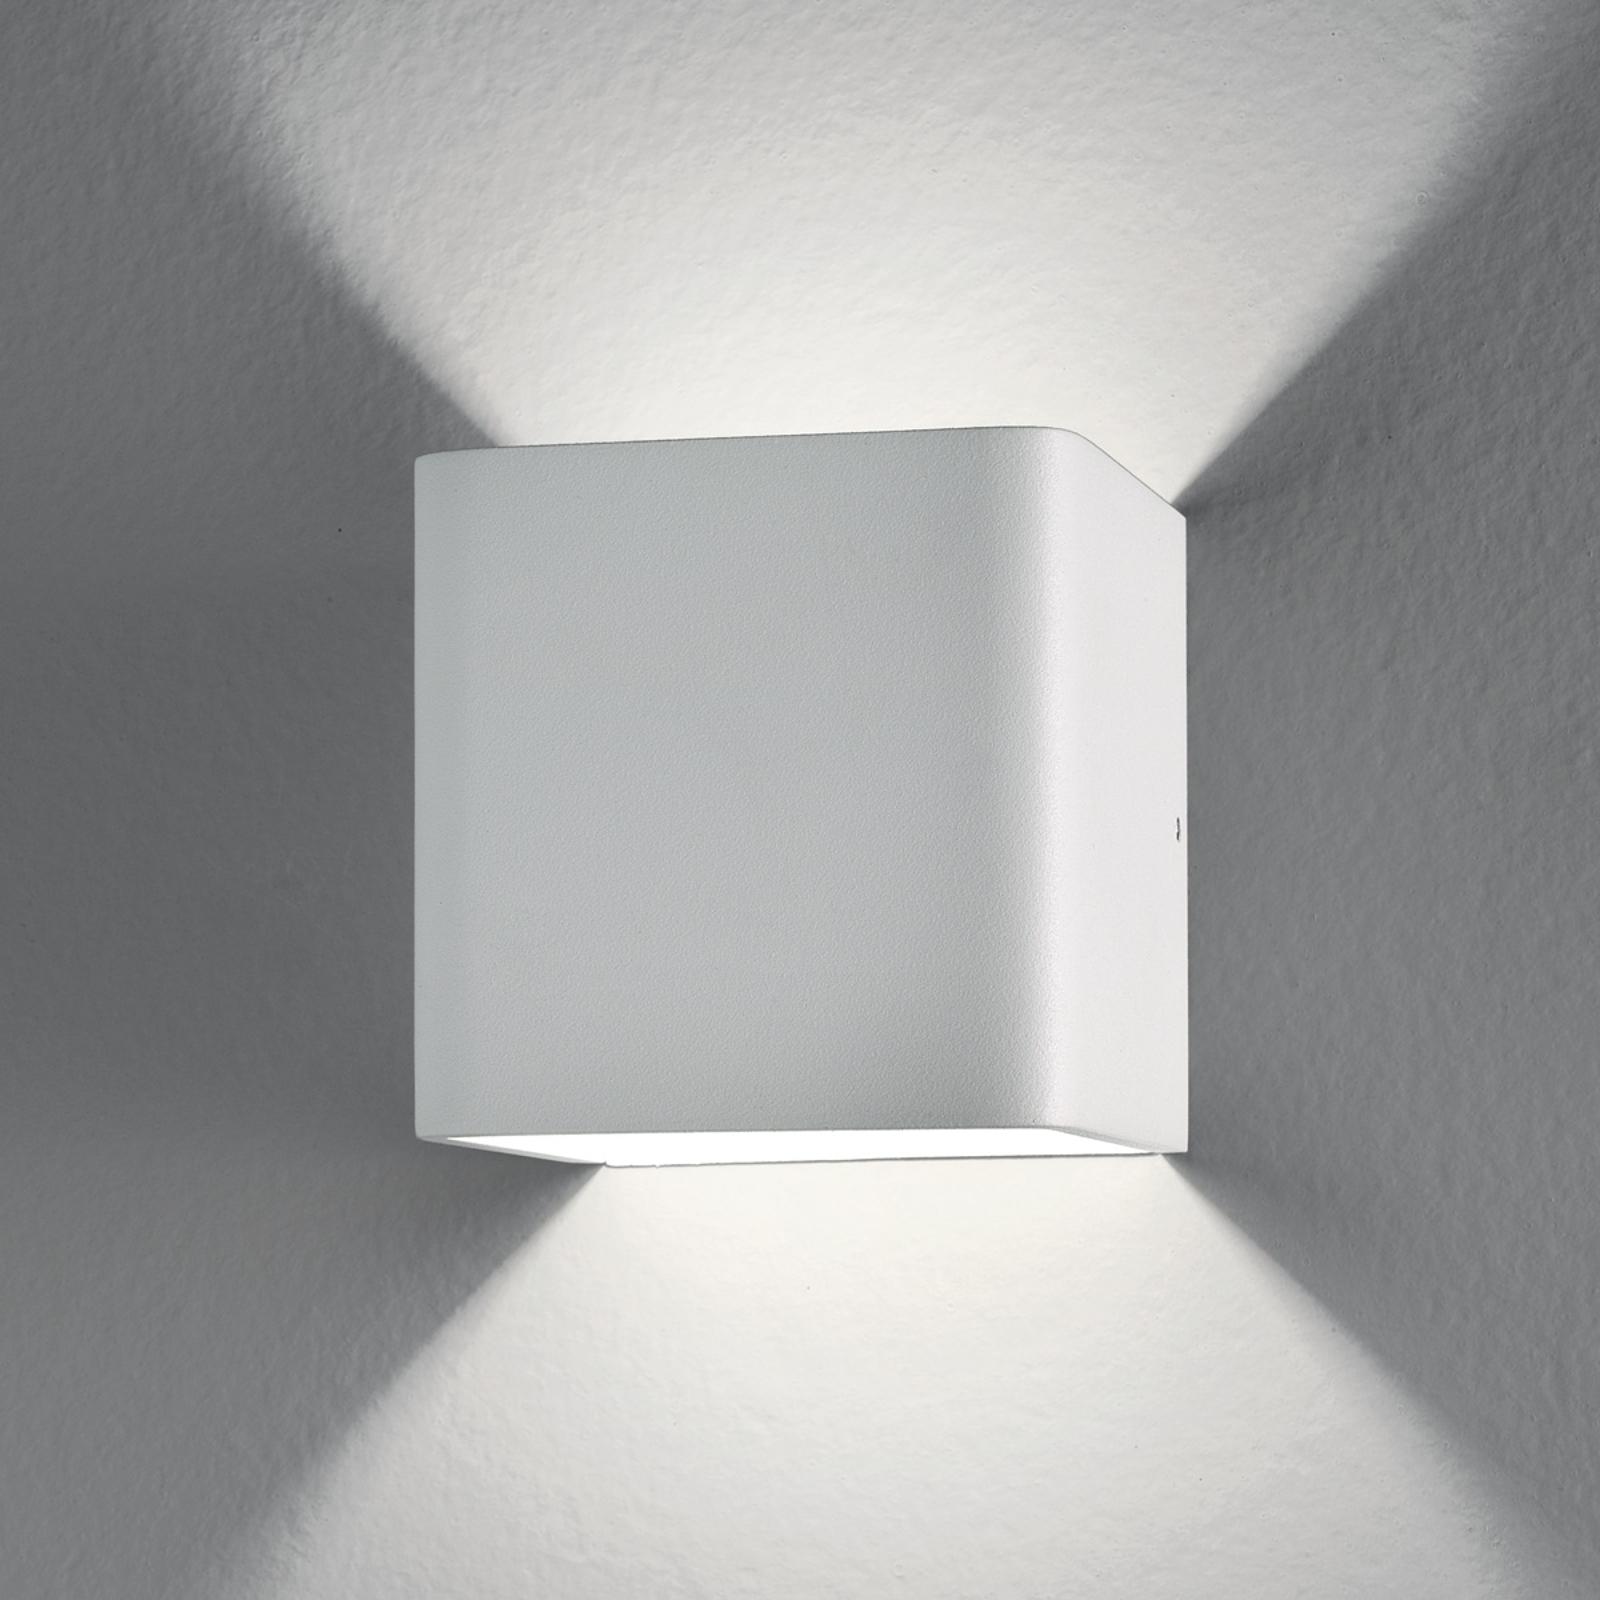 Kubické nástenné LED svietidlo Gino, 6W_3023051_1